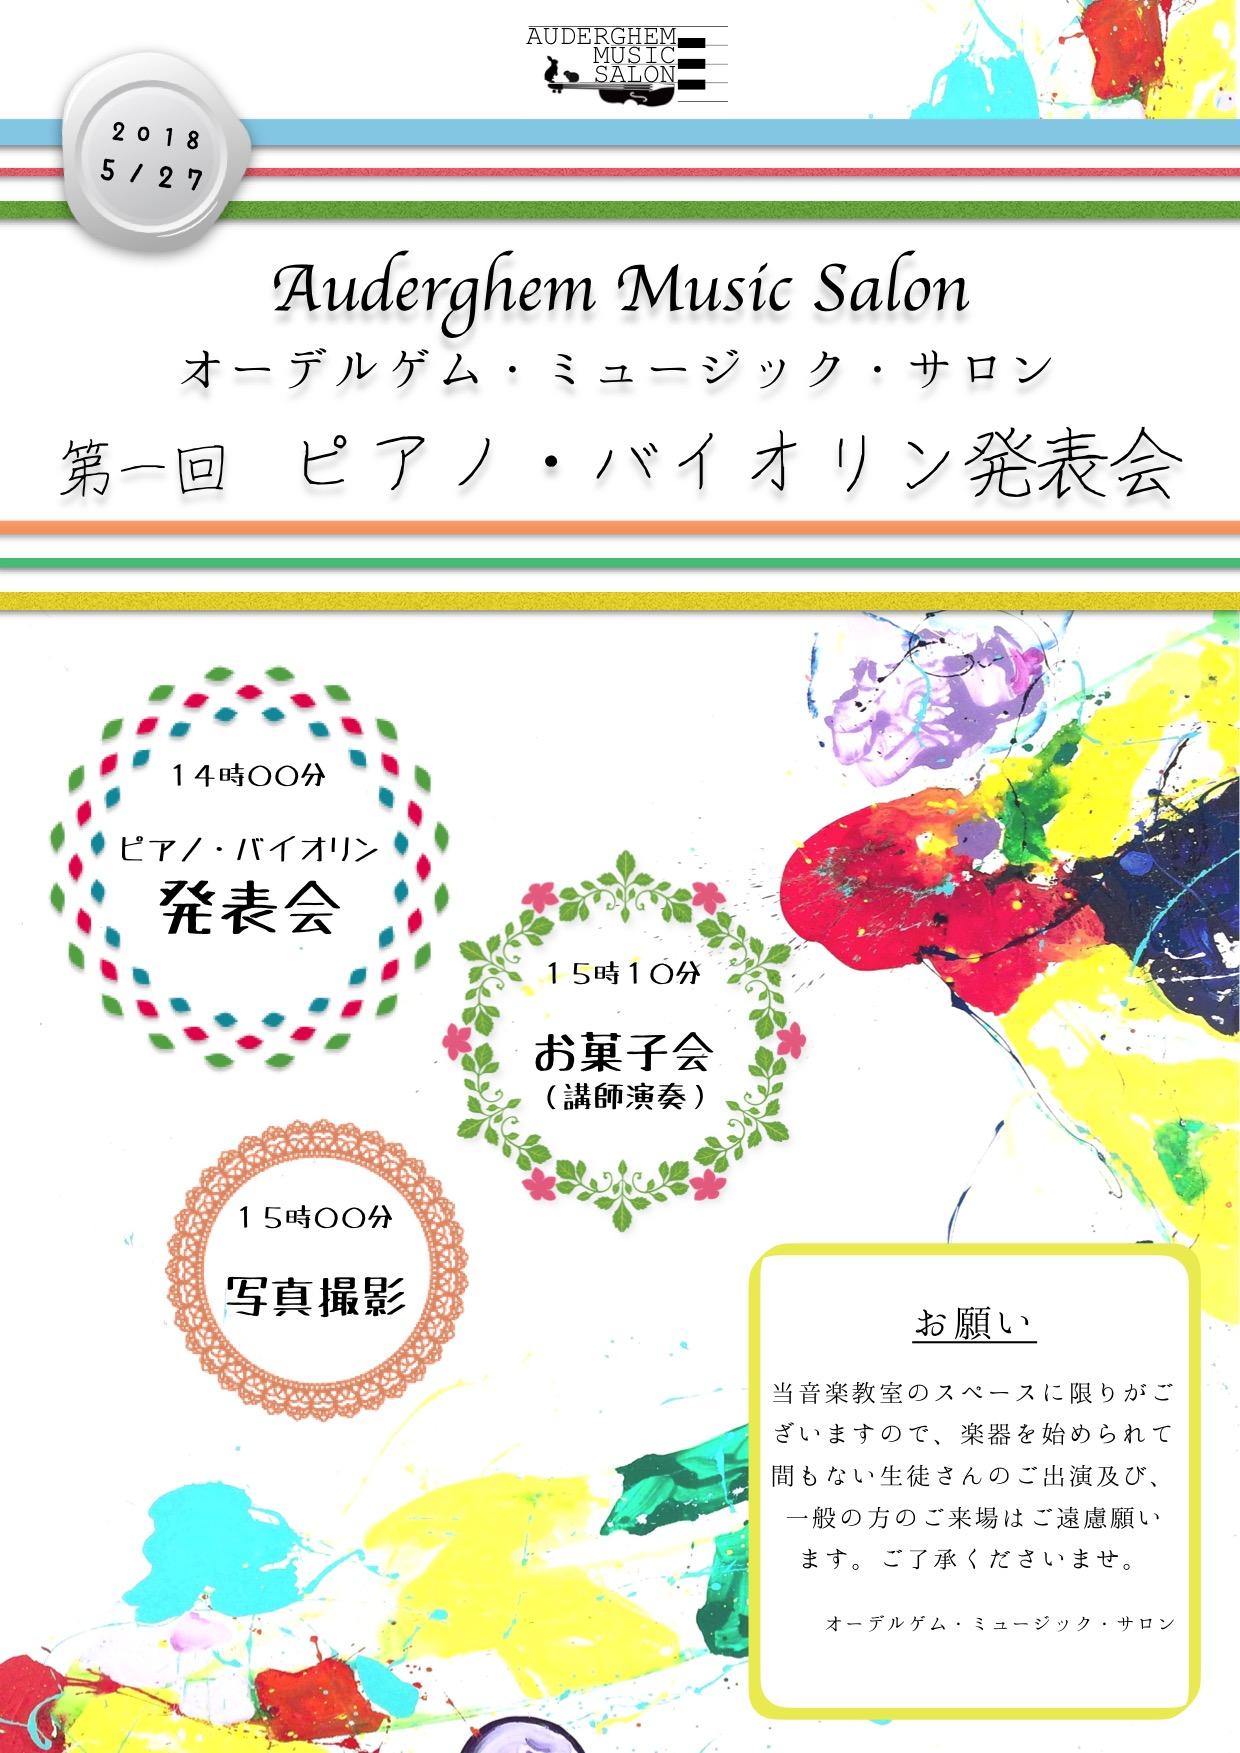 第一回ピアノ・ヴァイオリン発表会